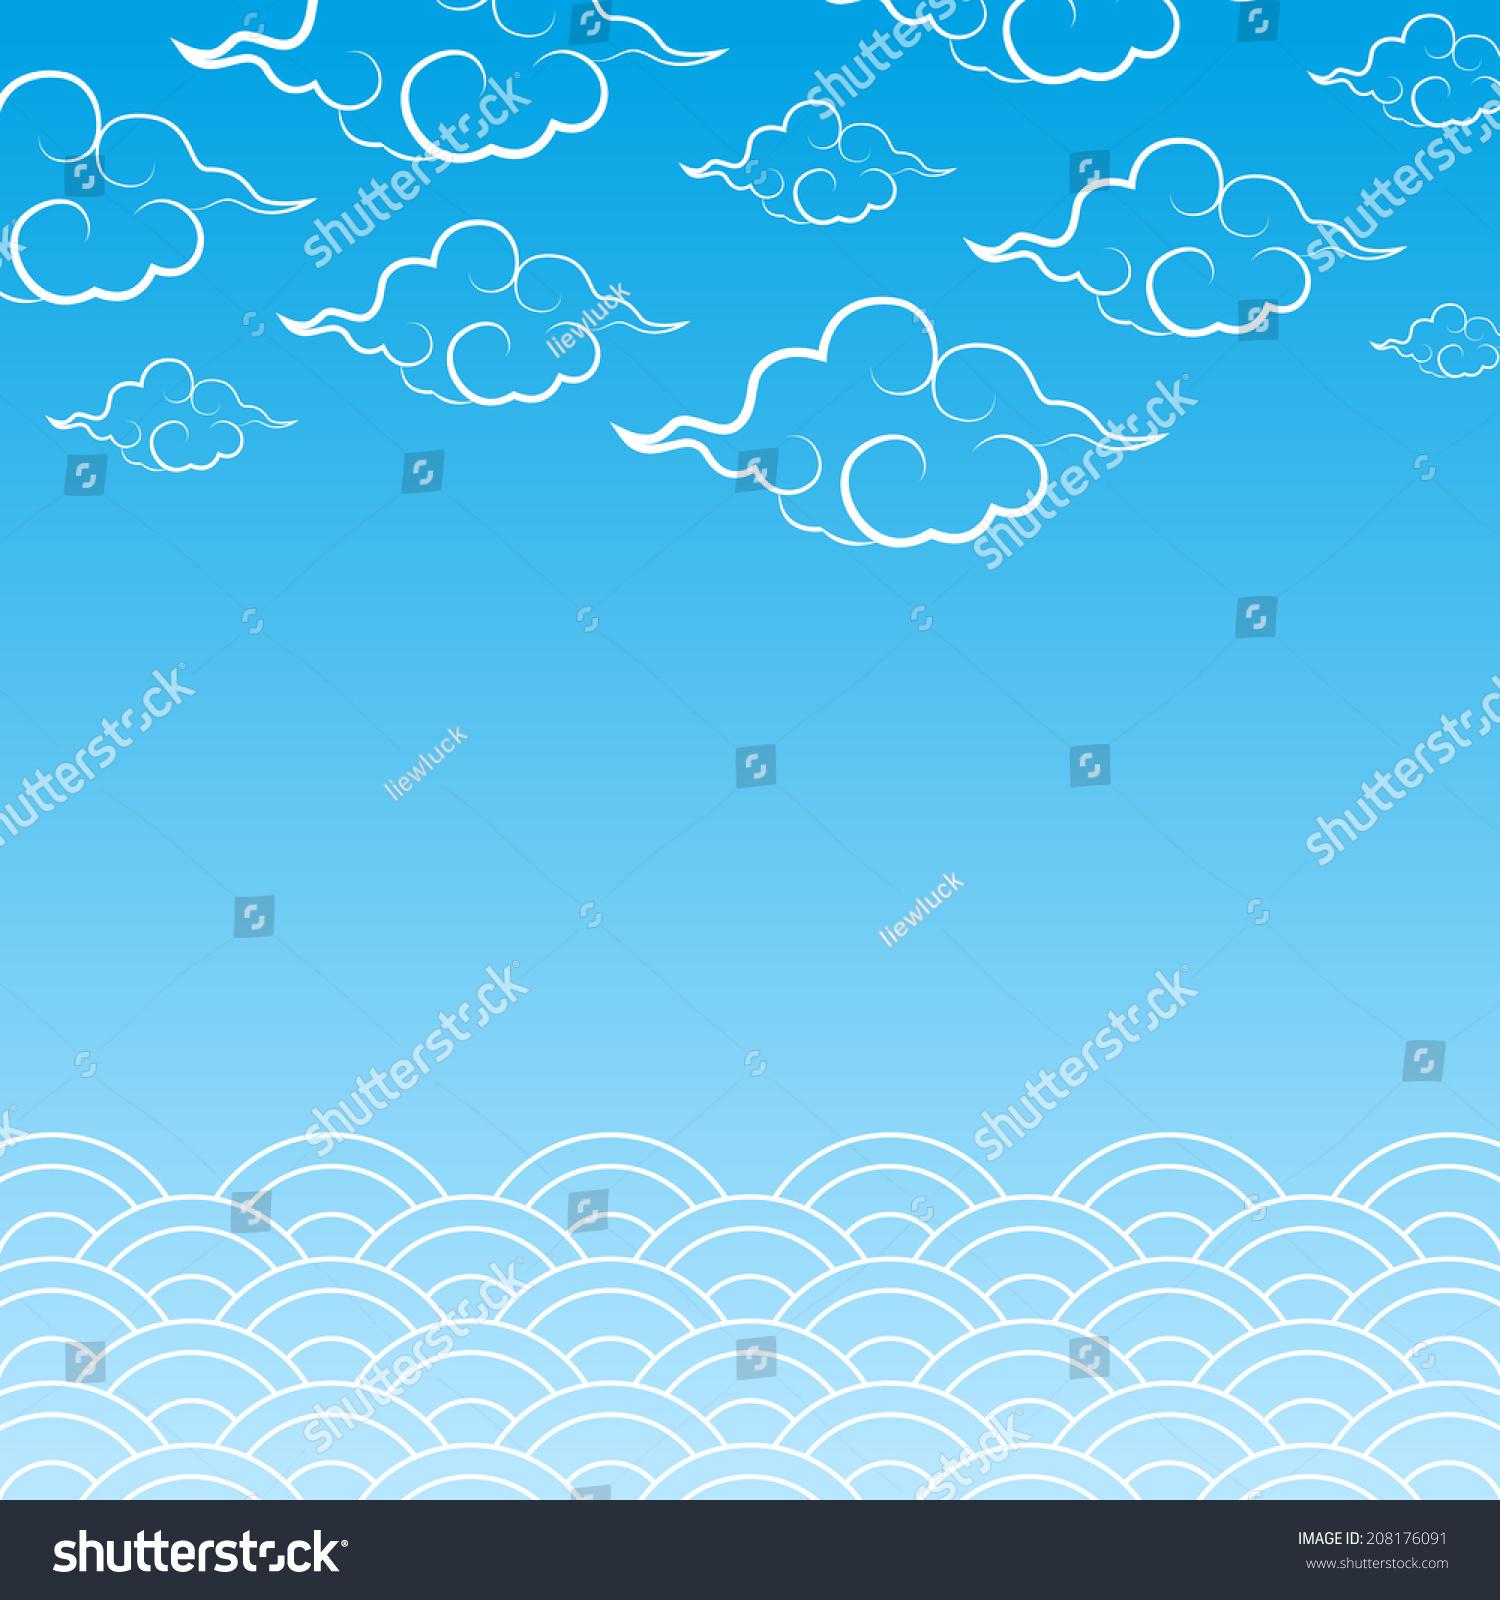 用亚洲风格装饰云和大海-背景/素材,自然-海洛创意()